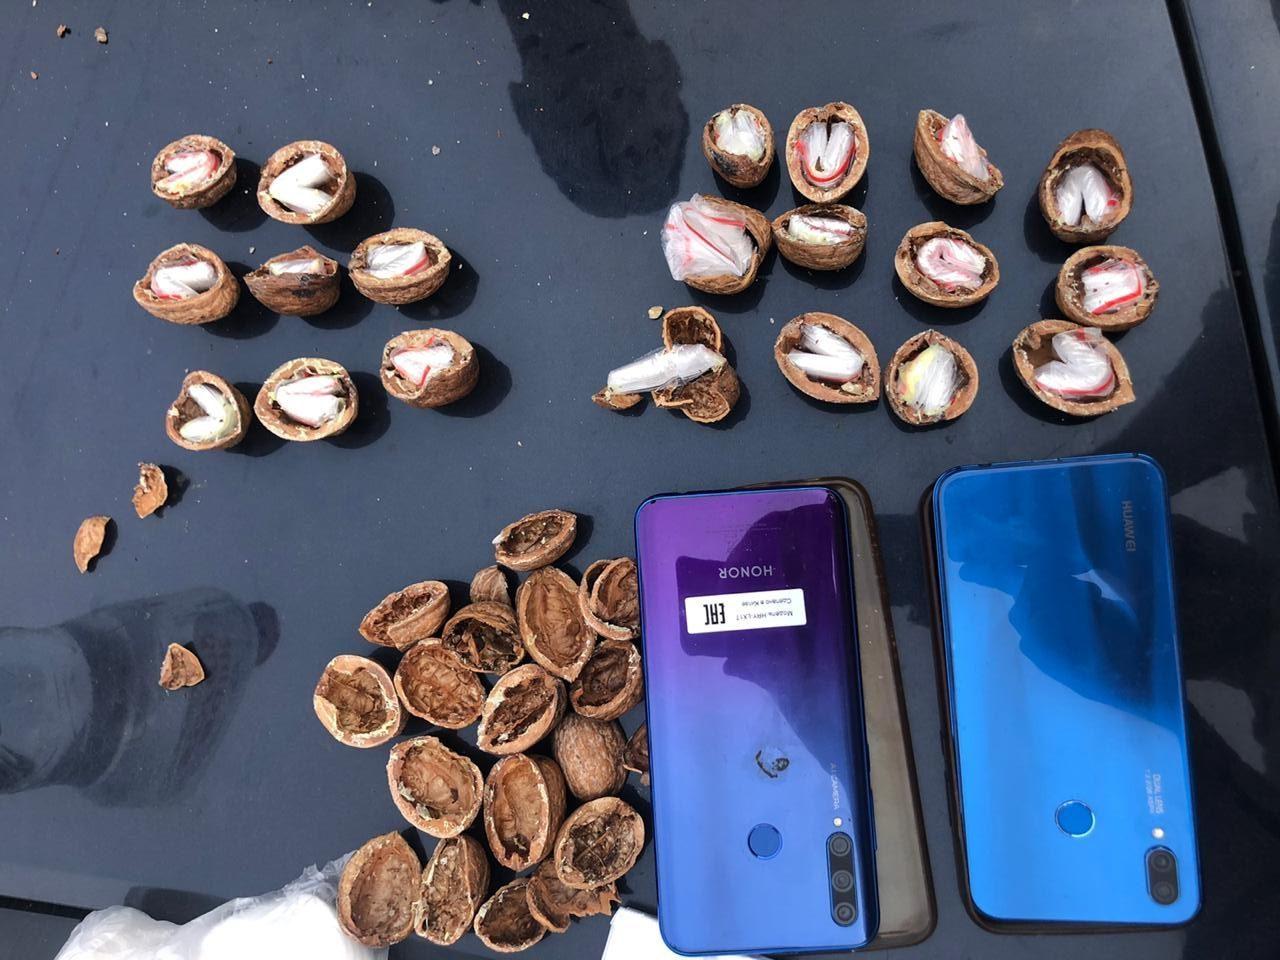 В Краснодаре наркоторговец делал закладки в грецких орехах